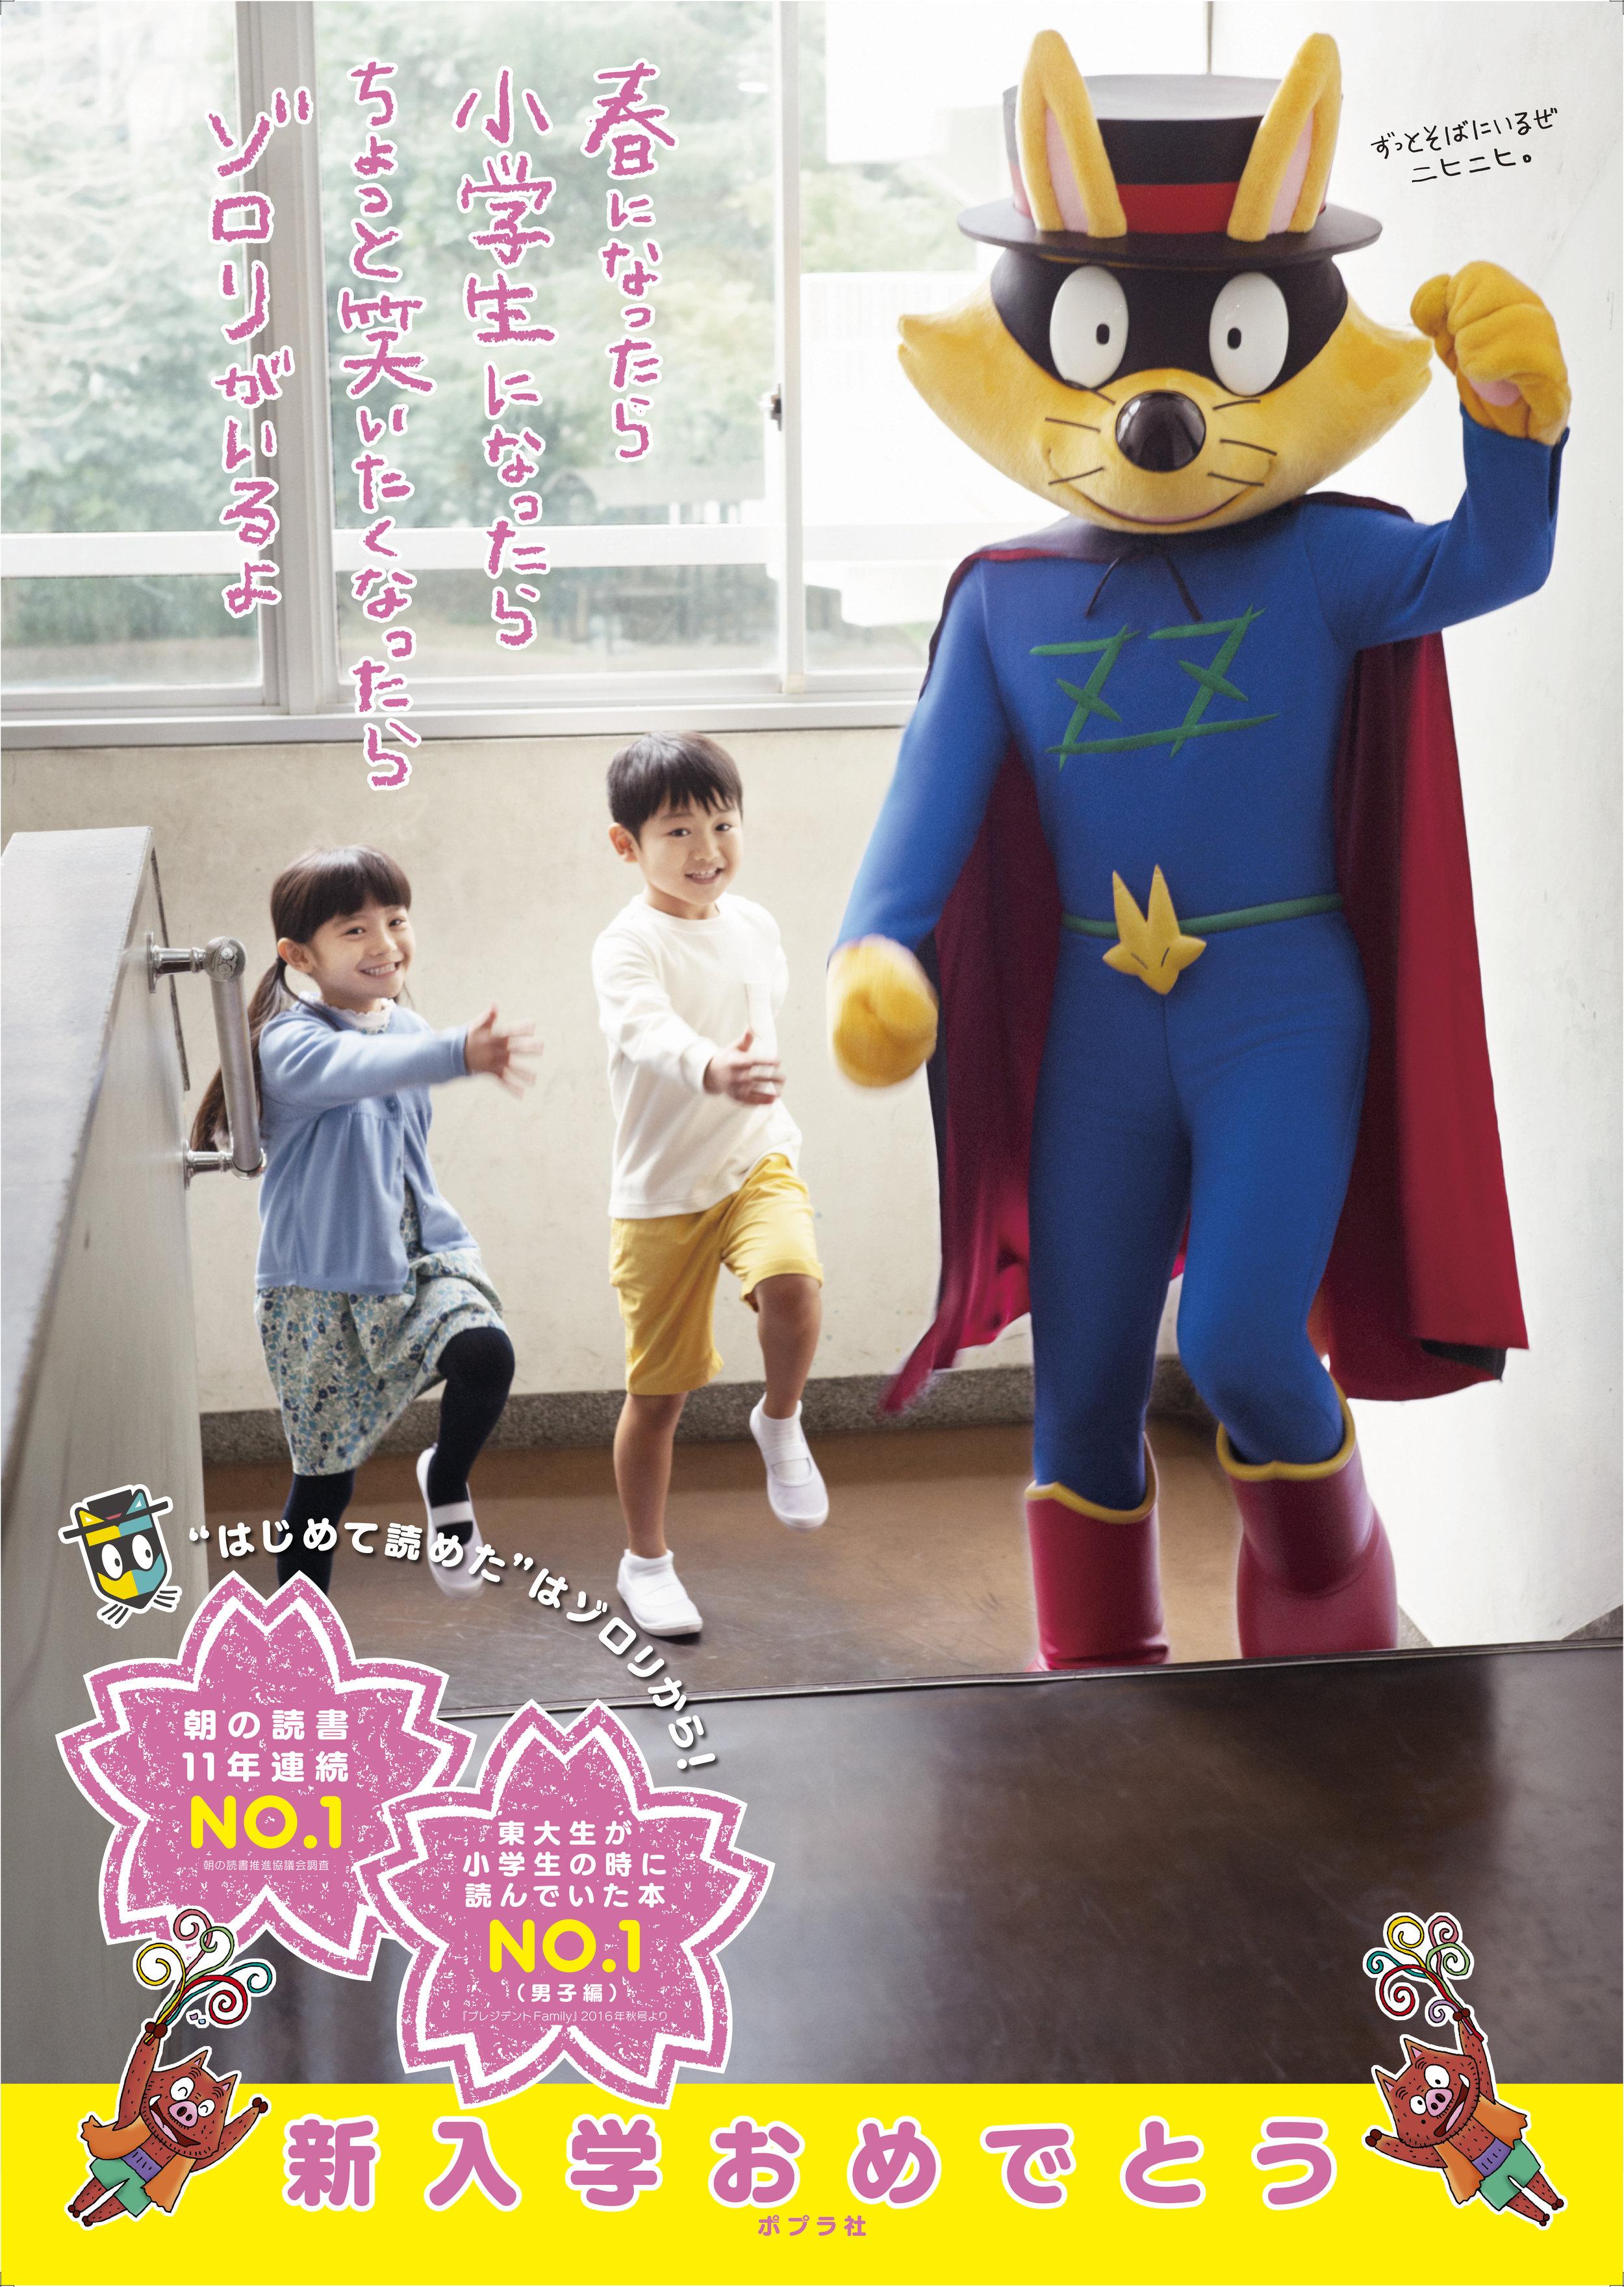 ポプラ社・かいけつゾロリ30周年「春ゾロリ」書店ポスター